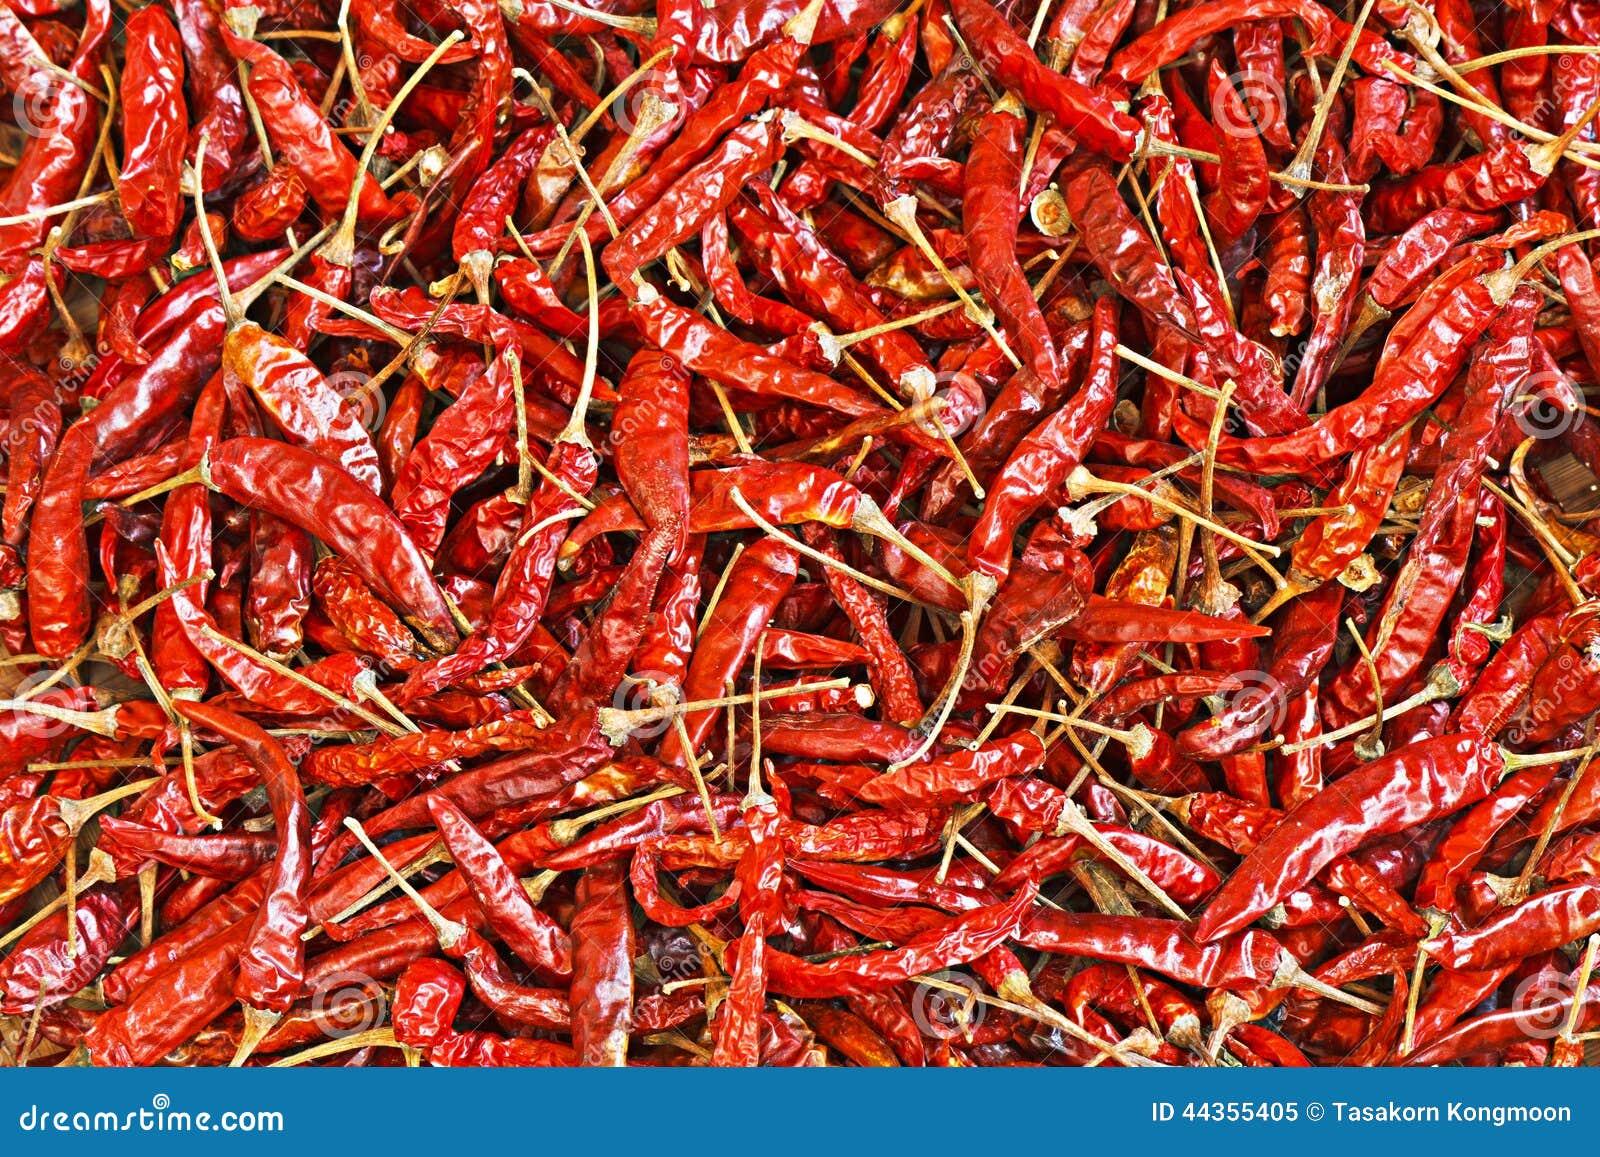 样式的一个干红色辣椒